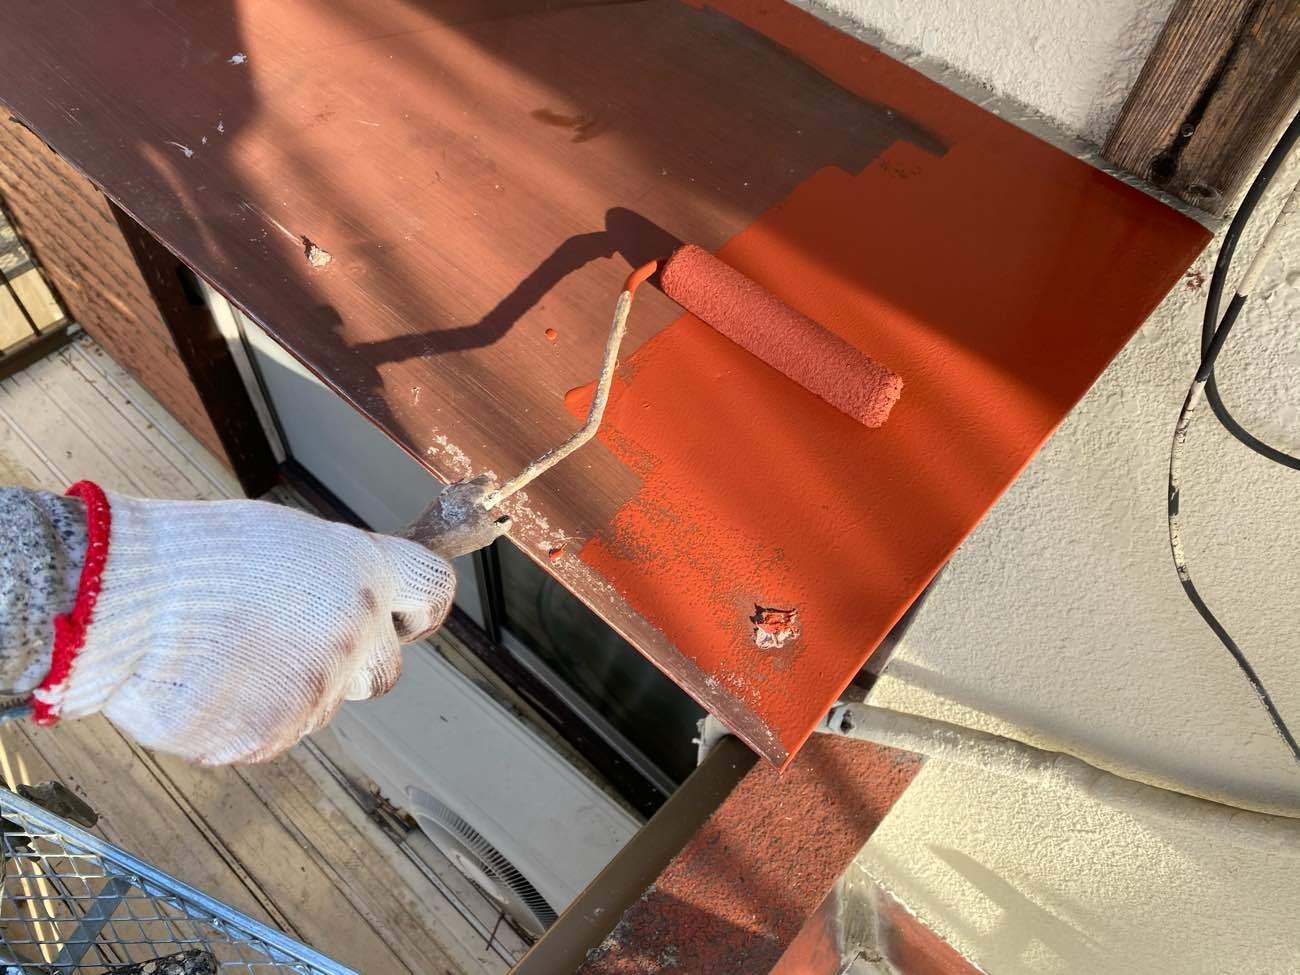 岡崎市岩津町にて行いました火災保険対応による軒天・庇塗装工事です